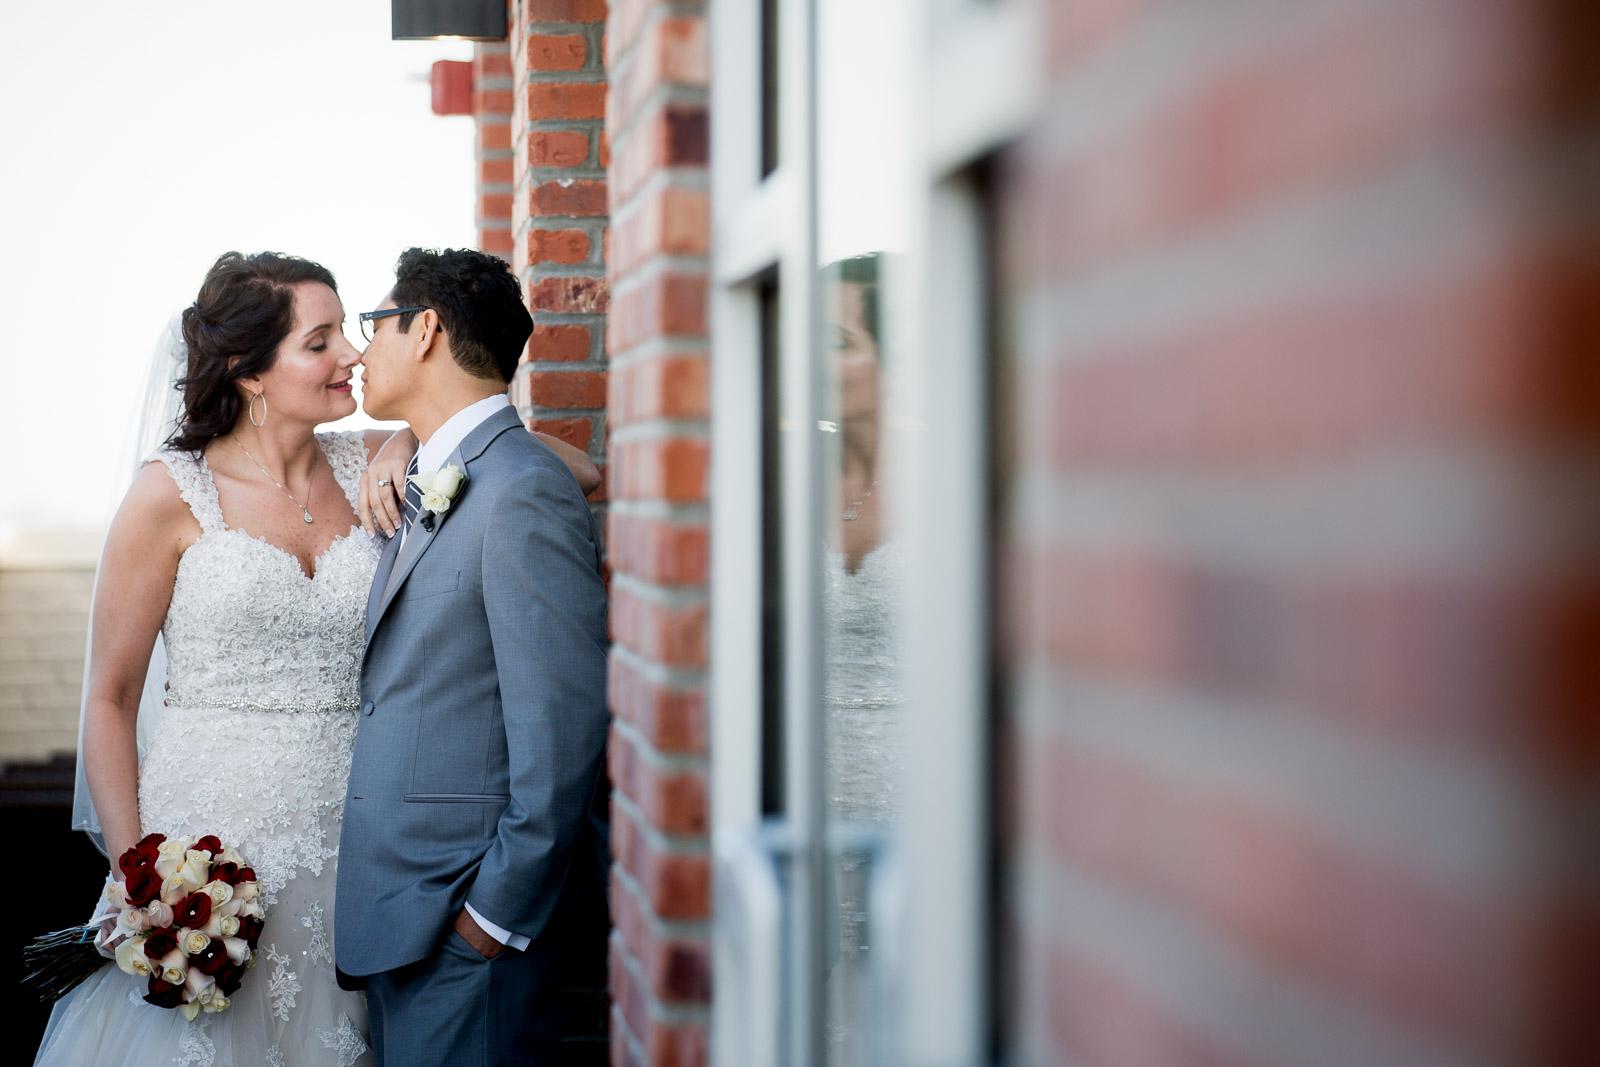 tara-yareb-wedding-022-blog.jpg